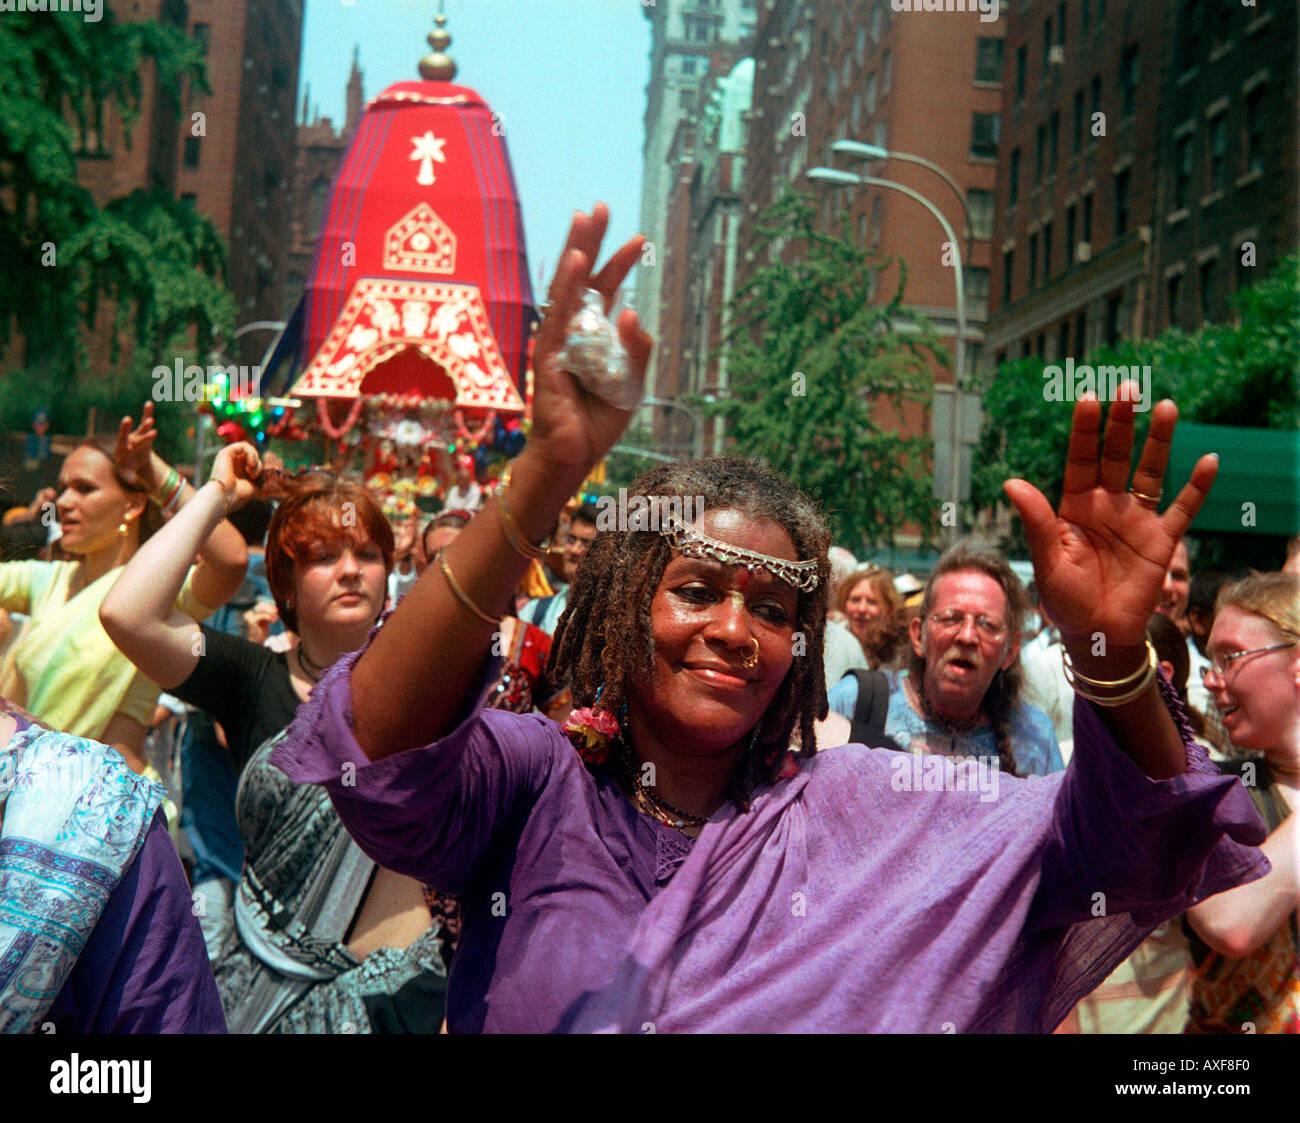 Les membres de la religion Hare Krishna dansent et chantent jusqu'Fifth Ave pour leur festival annuel de Light parade Banque D'Images